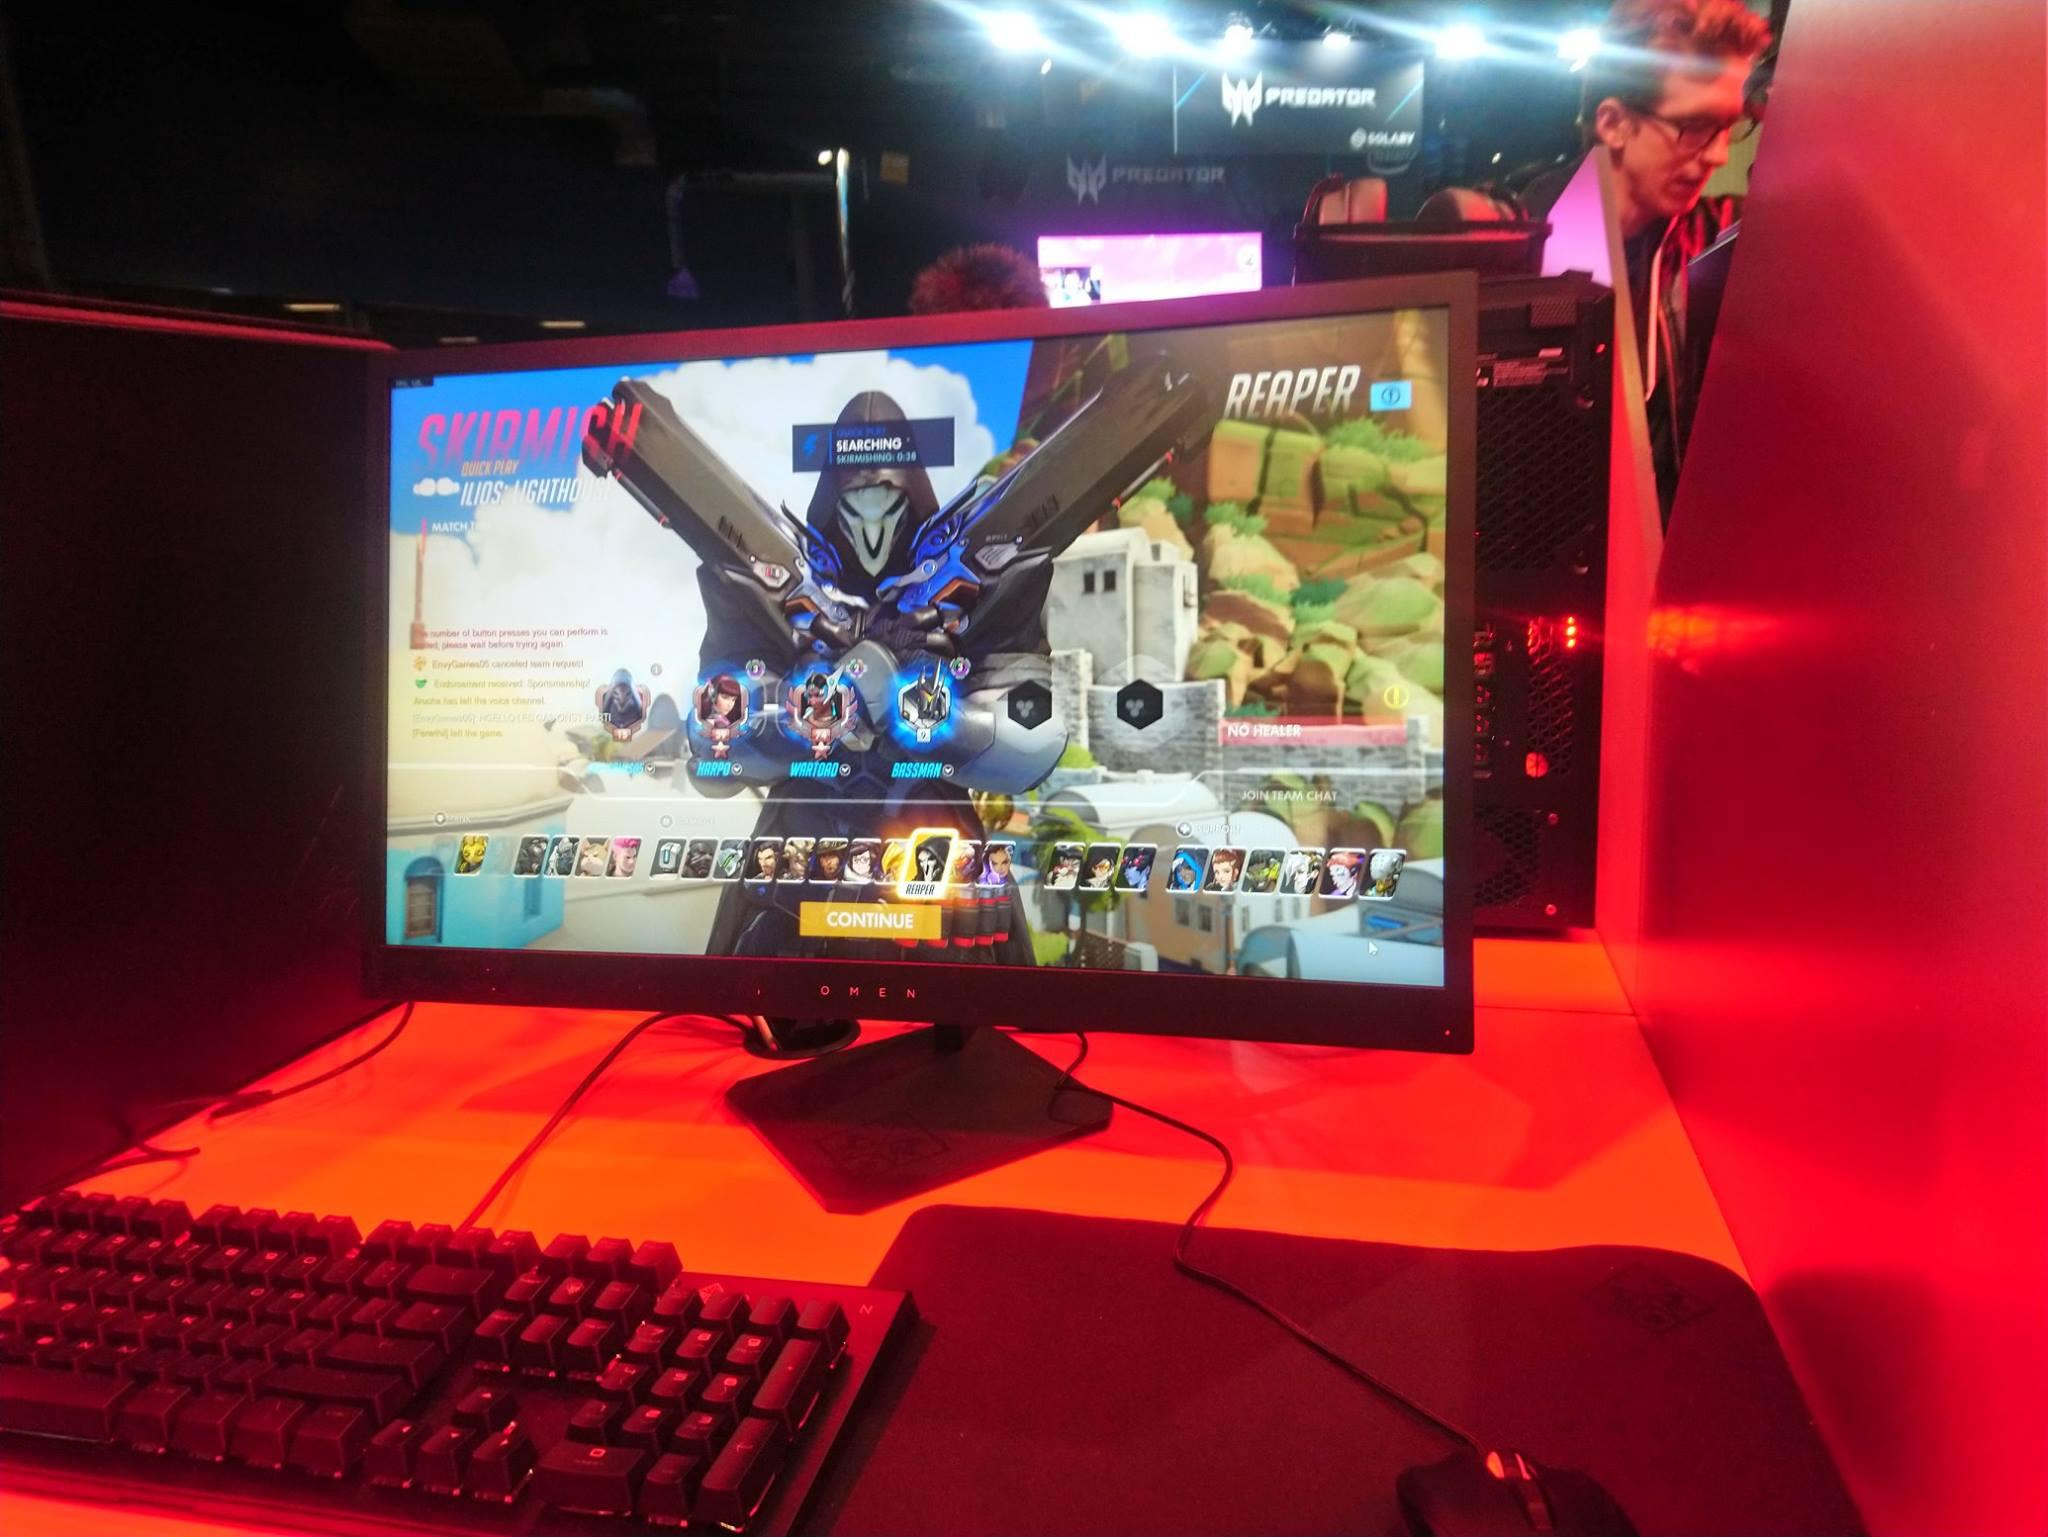 Jeux vidéo - Omen by HP - Paris Games Week